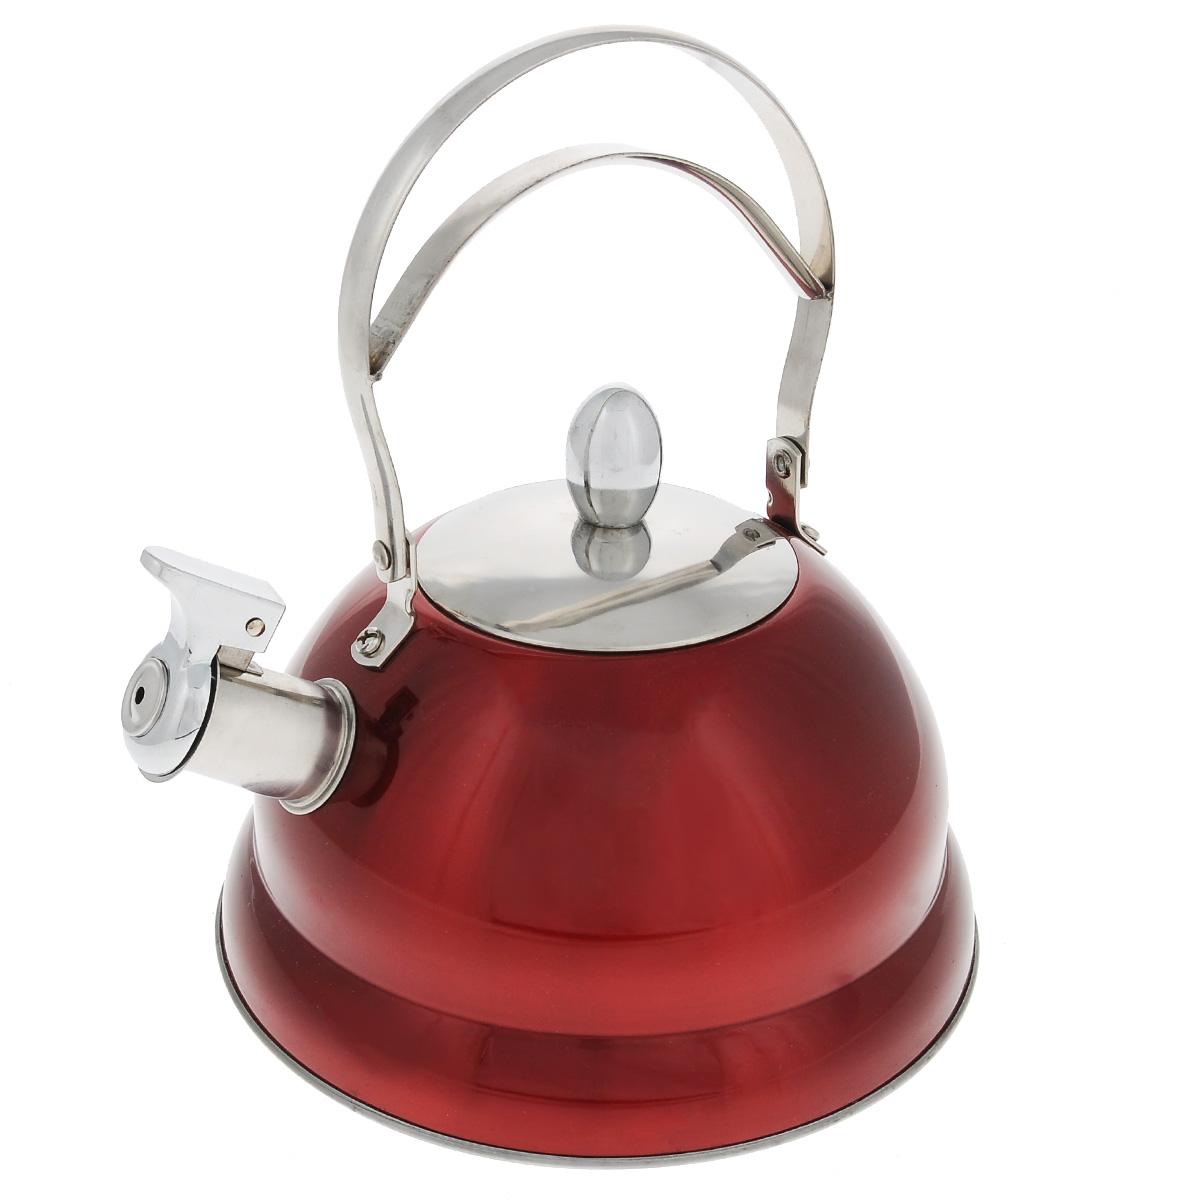 Чайник Bekker De Luxe со свистком, цвет: красный, 2,7 л. BK-S459BK-S459Чайник Bekker De Luxe изготовлен из высококачественной нержавеющей стали 18/10 с цветным эмалевым покрытием. Капсулированное дно распределяет тепло по всей поверхности, что позволяет чайнику быстро закипать. Ручка подвижная. Носик оснащен откидным свистком, который подскажет, когда вода закипела. Свисток открывается и закрывается рычагом на носике. Подходит для всех типов плит, включая индукционные. Можно мыть в посудомоечной машине. Диаметр (по верхнему краю): 10 см. Диаметр основания: 22 см. Высота чайника (без учета ручки): 11,5 см. Высота чайника (с учетом ручки): 25 см.